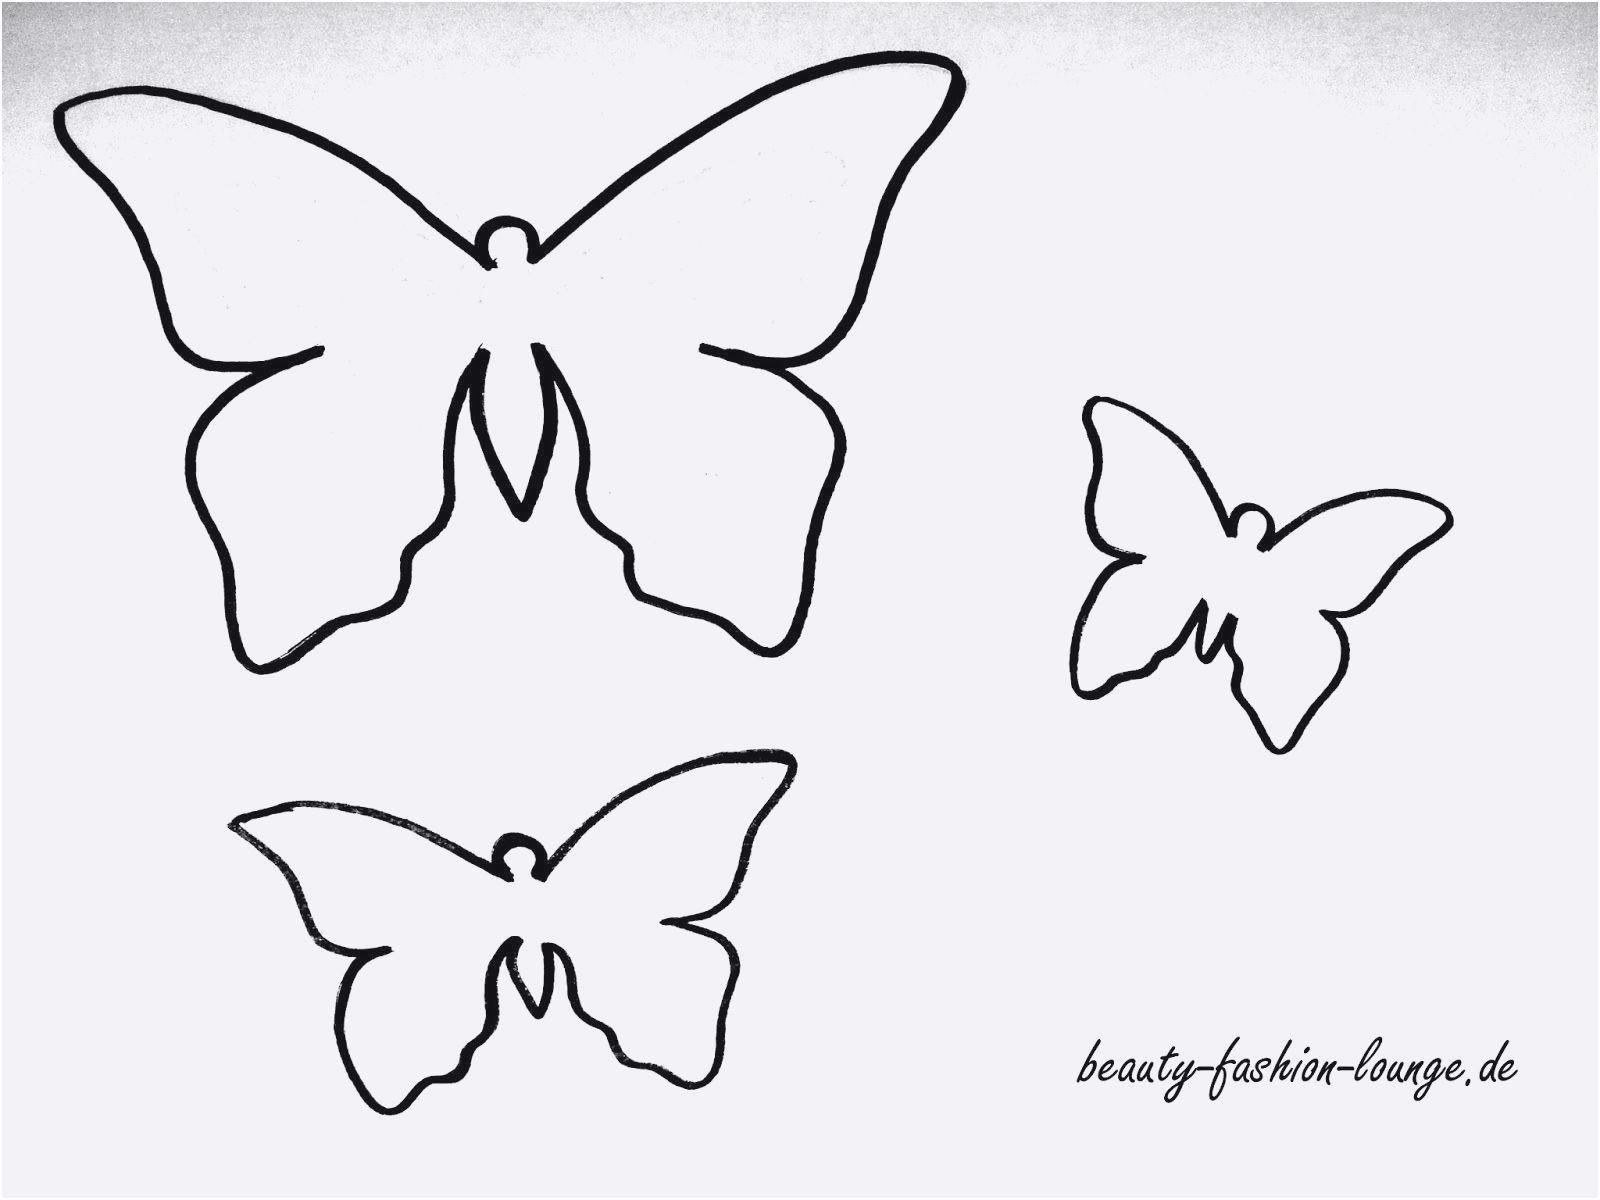 Schmetterlinge Bilder Zum Ausmalen Frisch Schmetterling Vorlage Neu Schmetterlinge Ausmalbilder Fotografieren